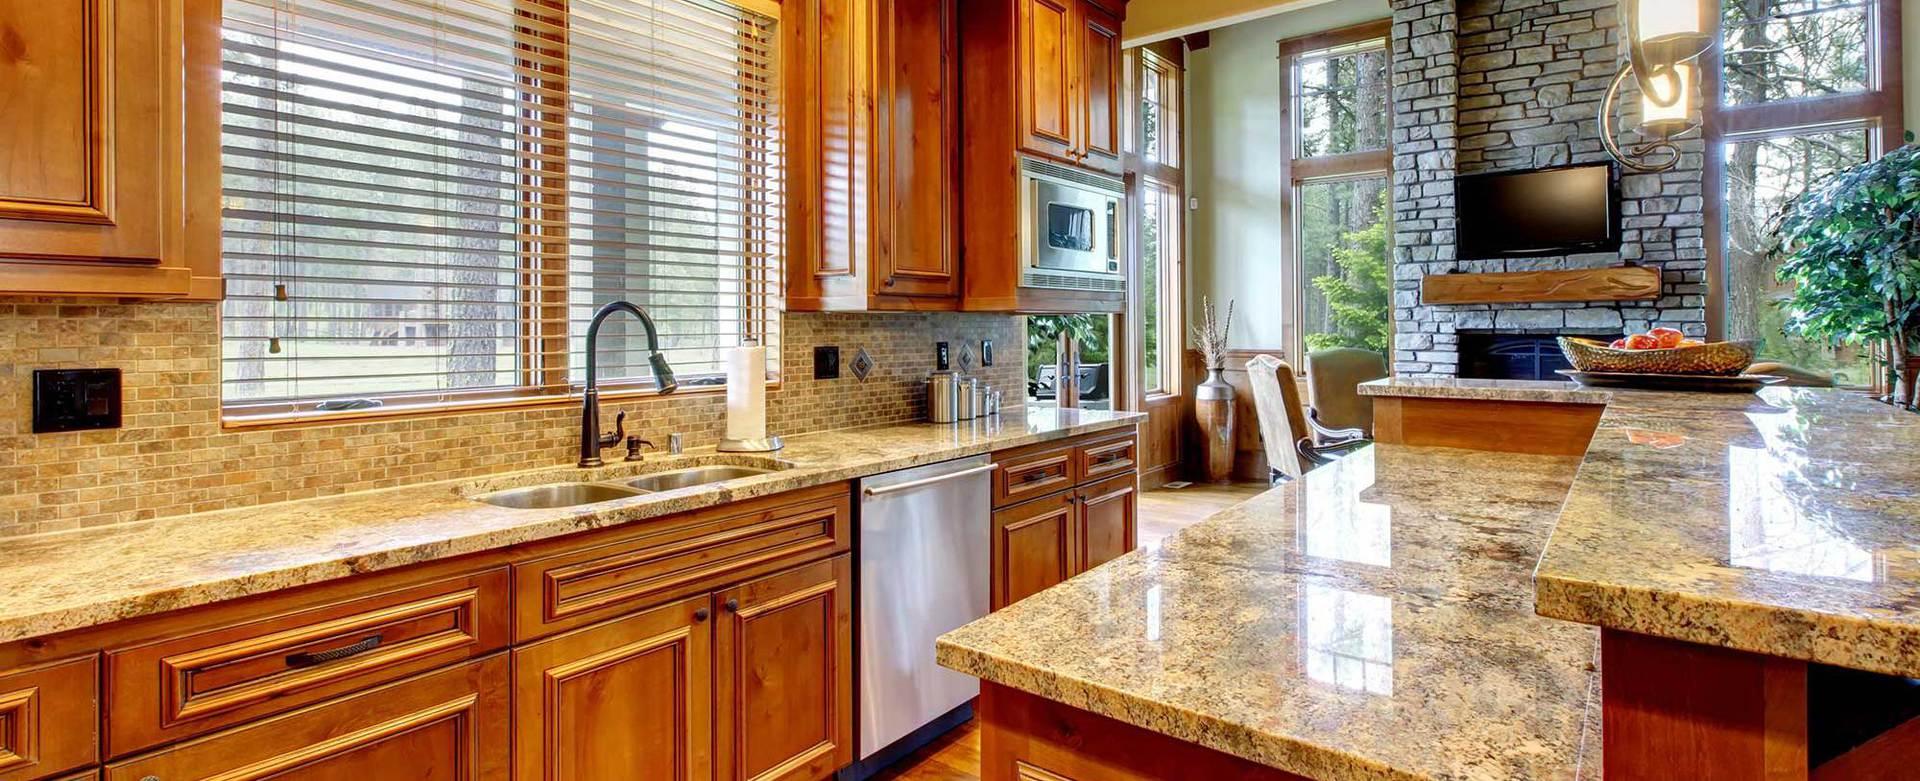 Best Granite Sealer Review  2017 Granite Sealer Reviews